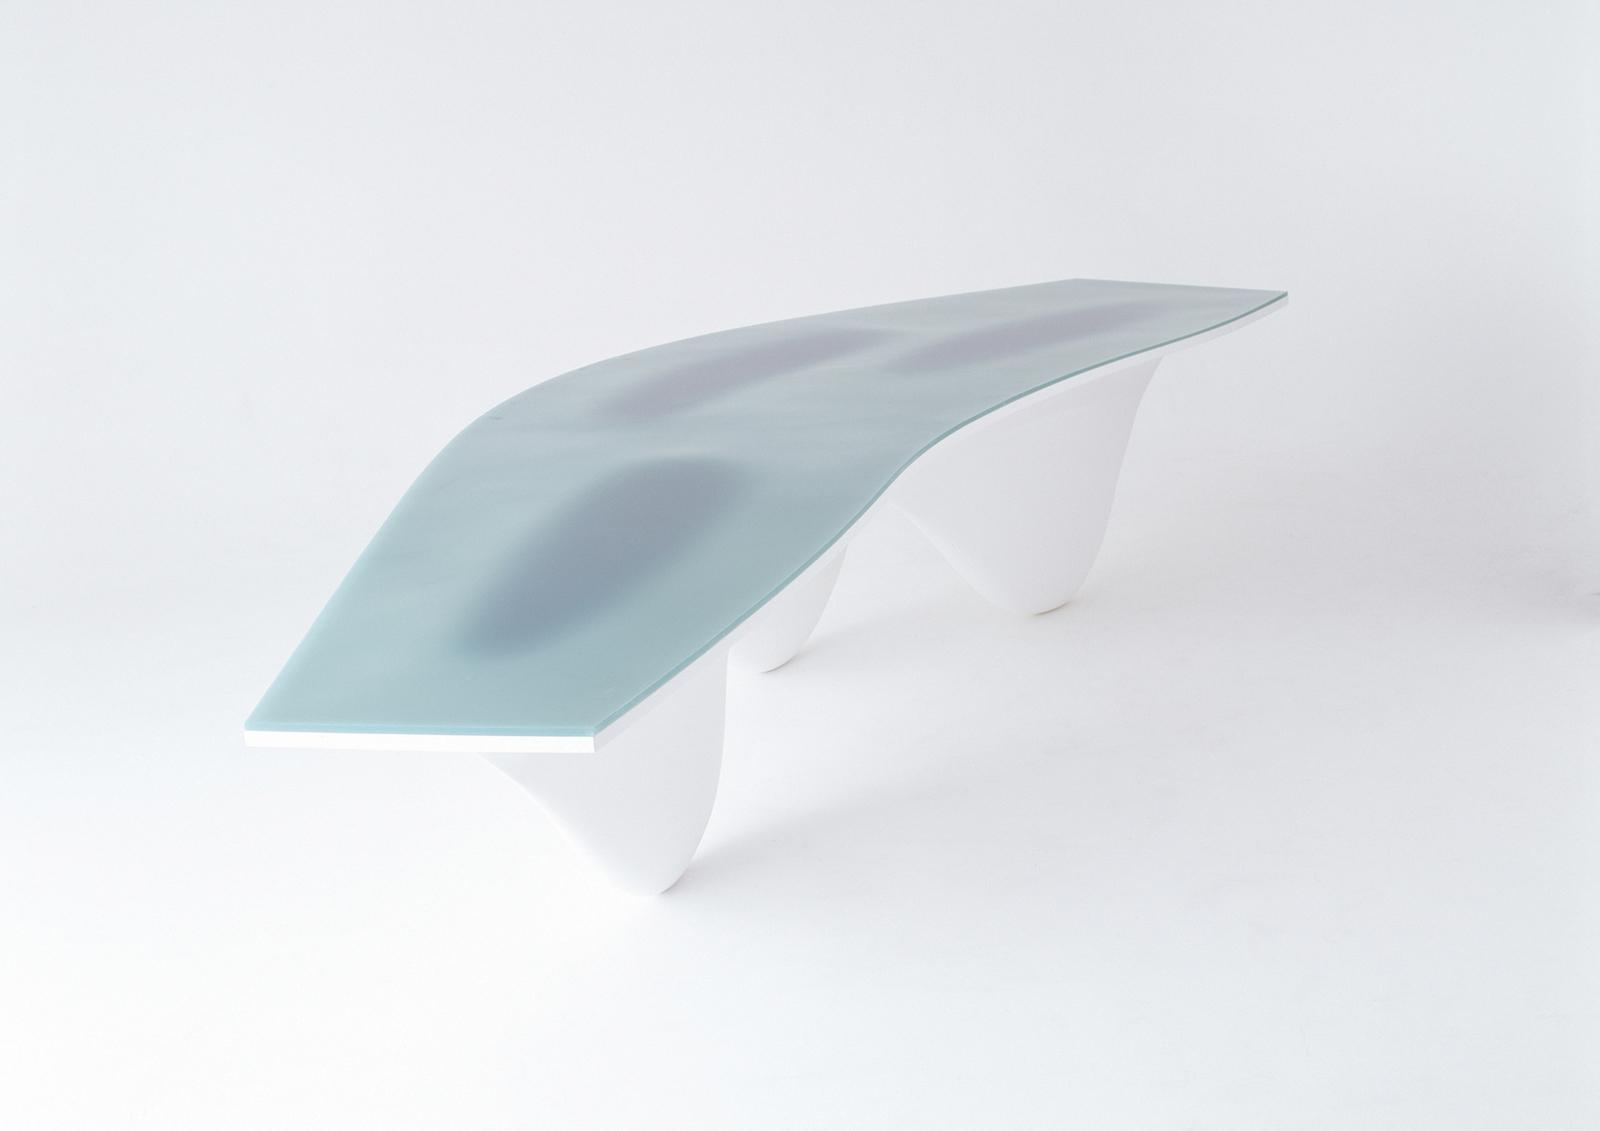 Zaha hadid 1950 2016 by andreas ruby uncube for Mesa table design by zaha hadid for vitra